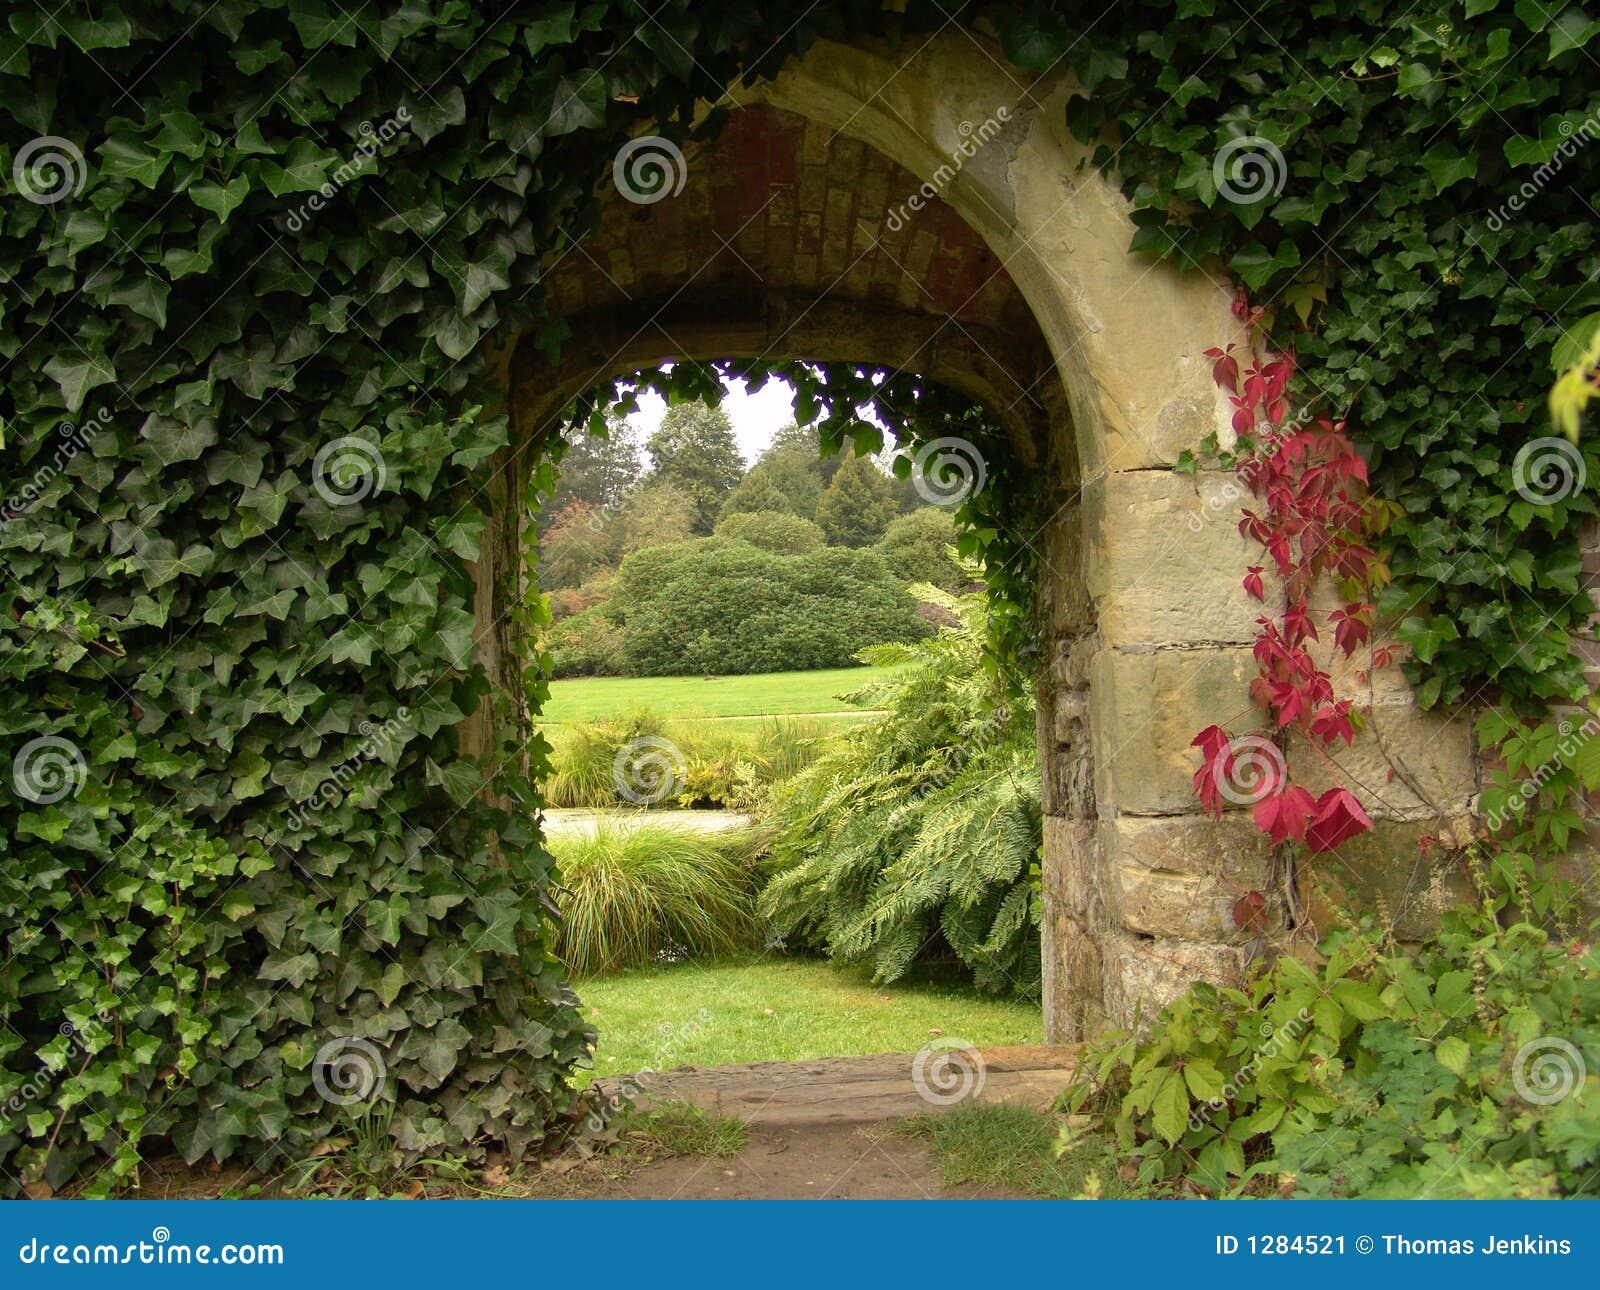 Alter Torbogen Im Garten Stockbild Bild Von Betriebe 1284521